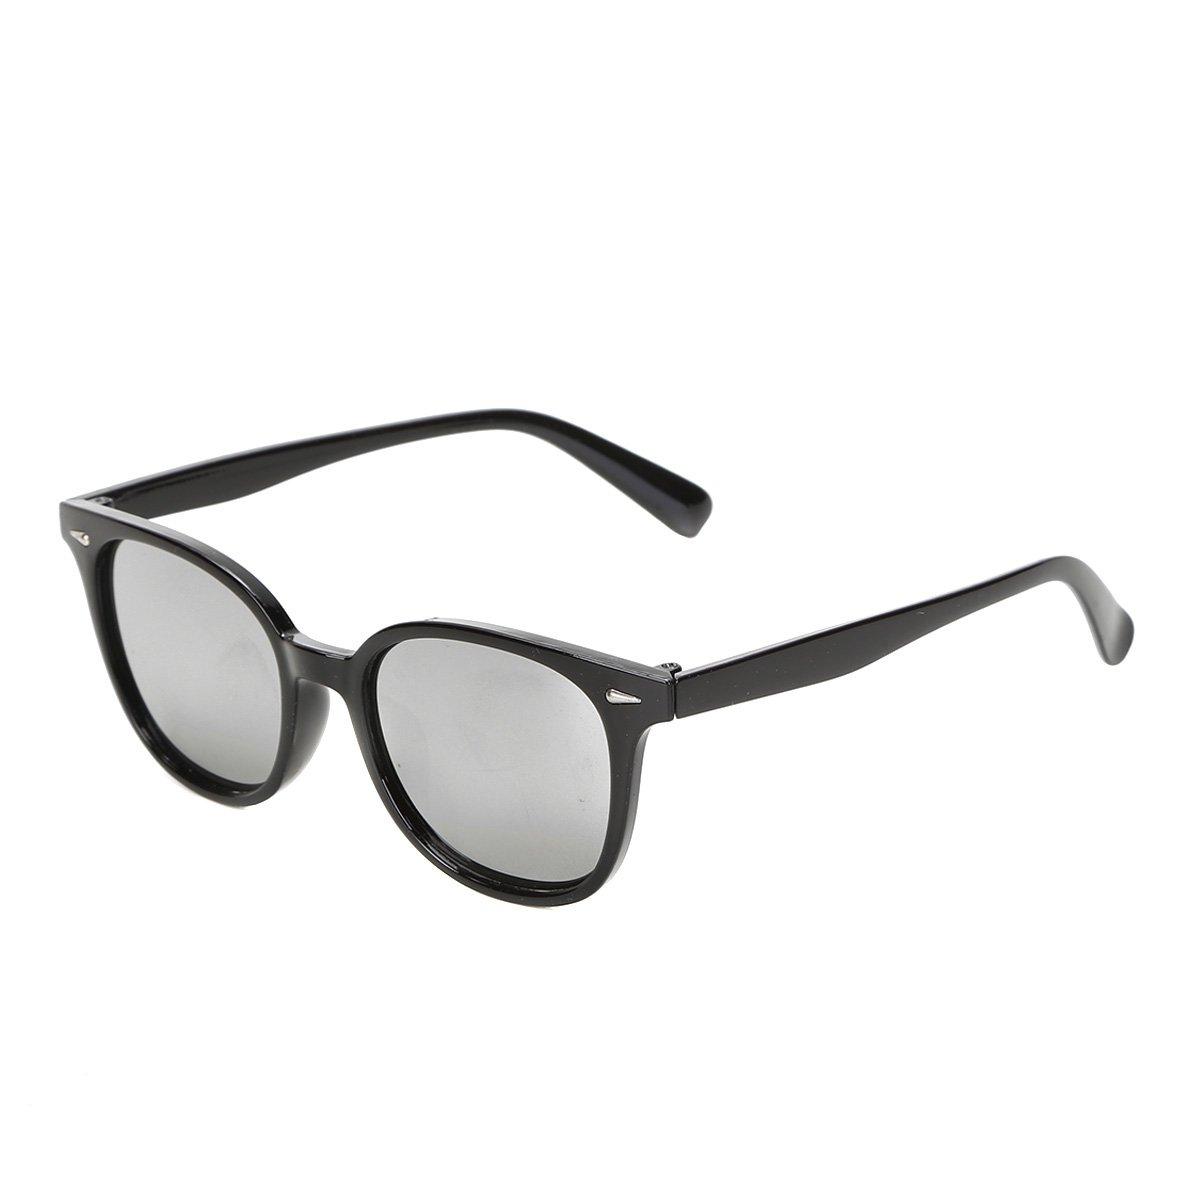 bdb799e923e85 FornecedorNetshoes. Óculos de Sol King One A04 Feminino